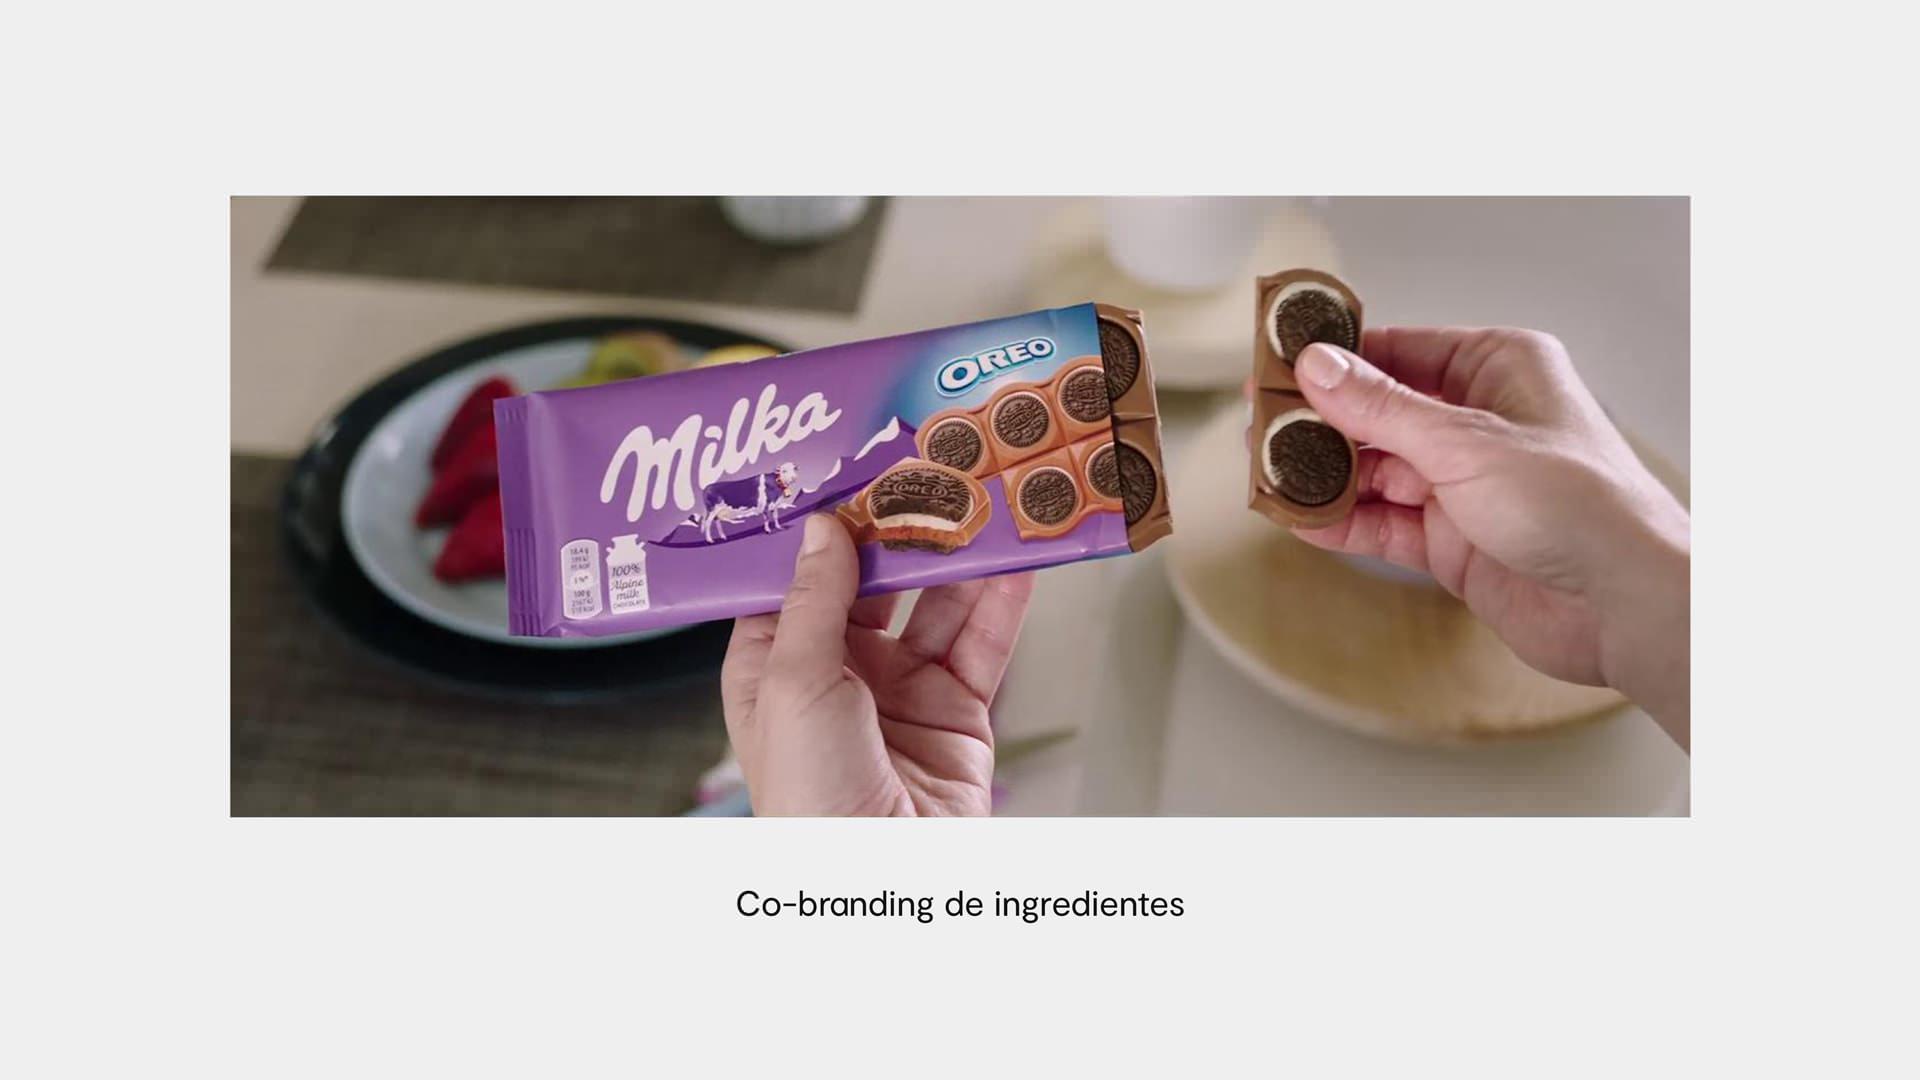 ejemplo cobranding Milka y Oreo